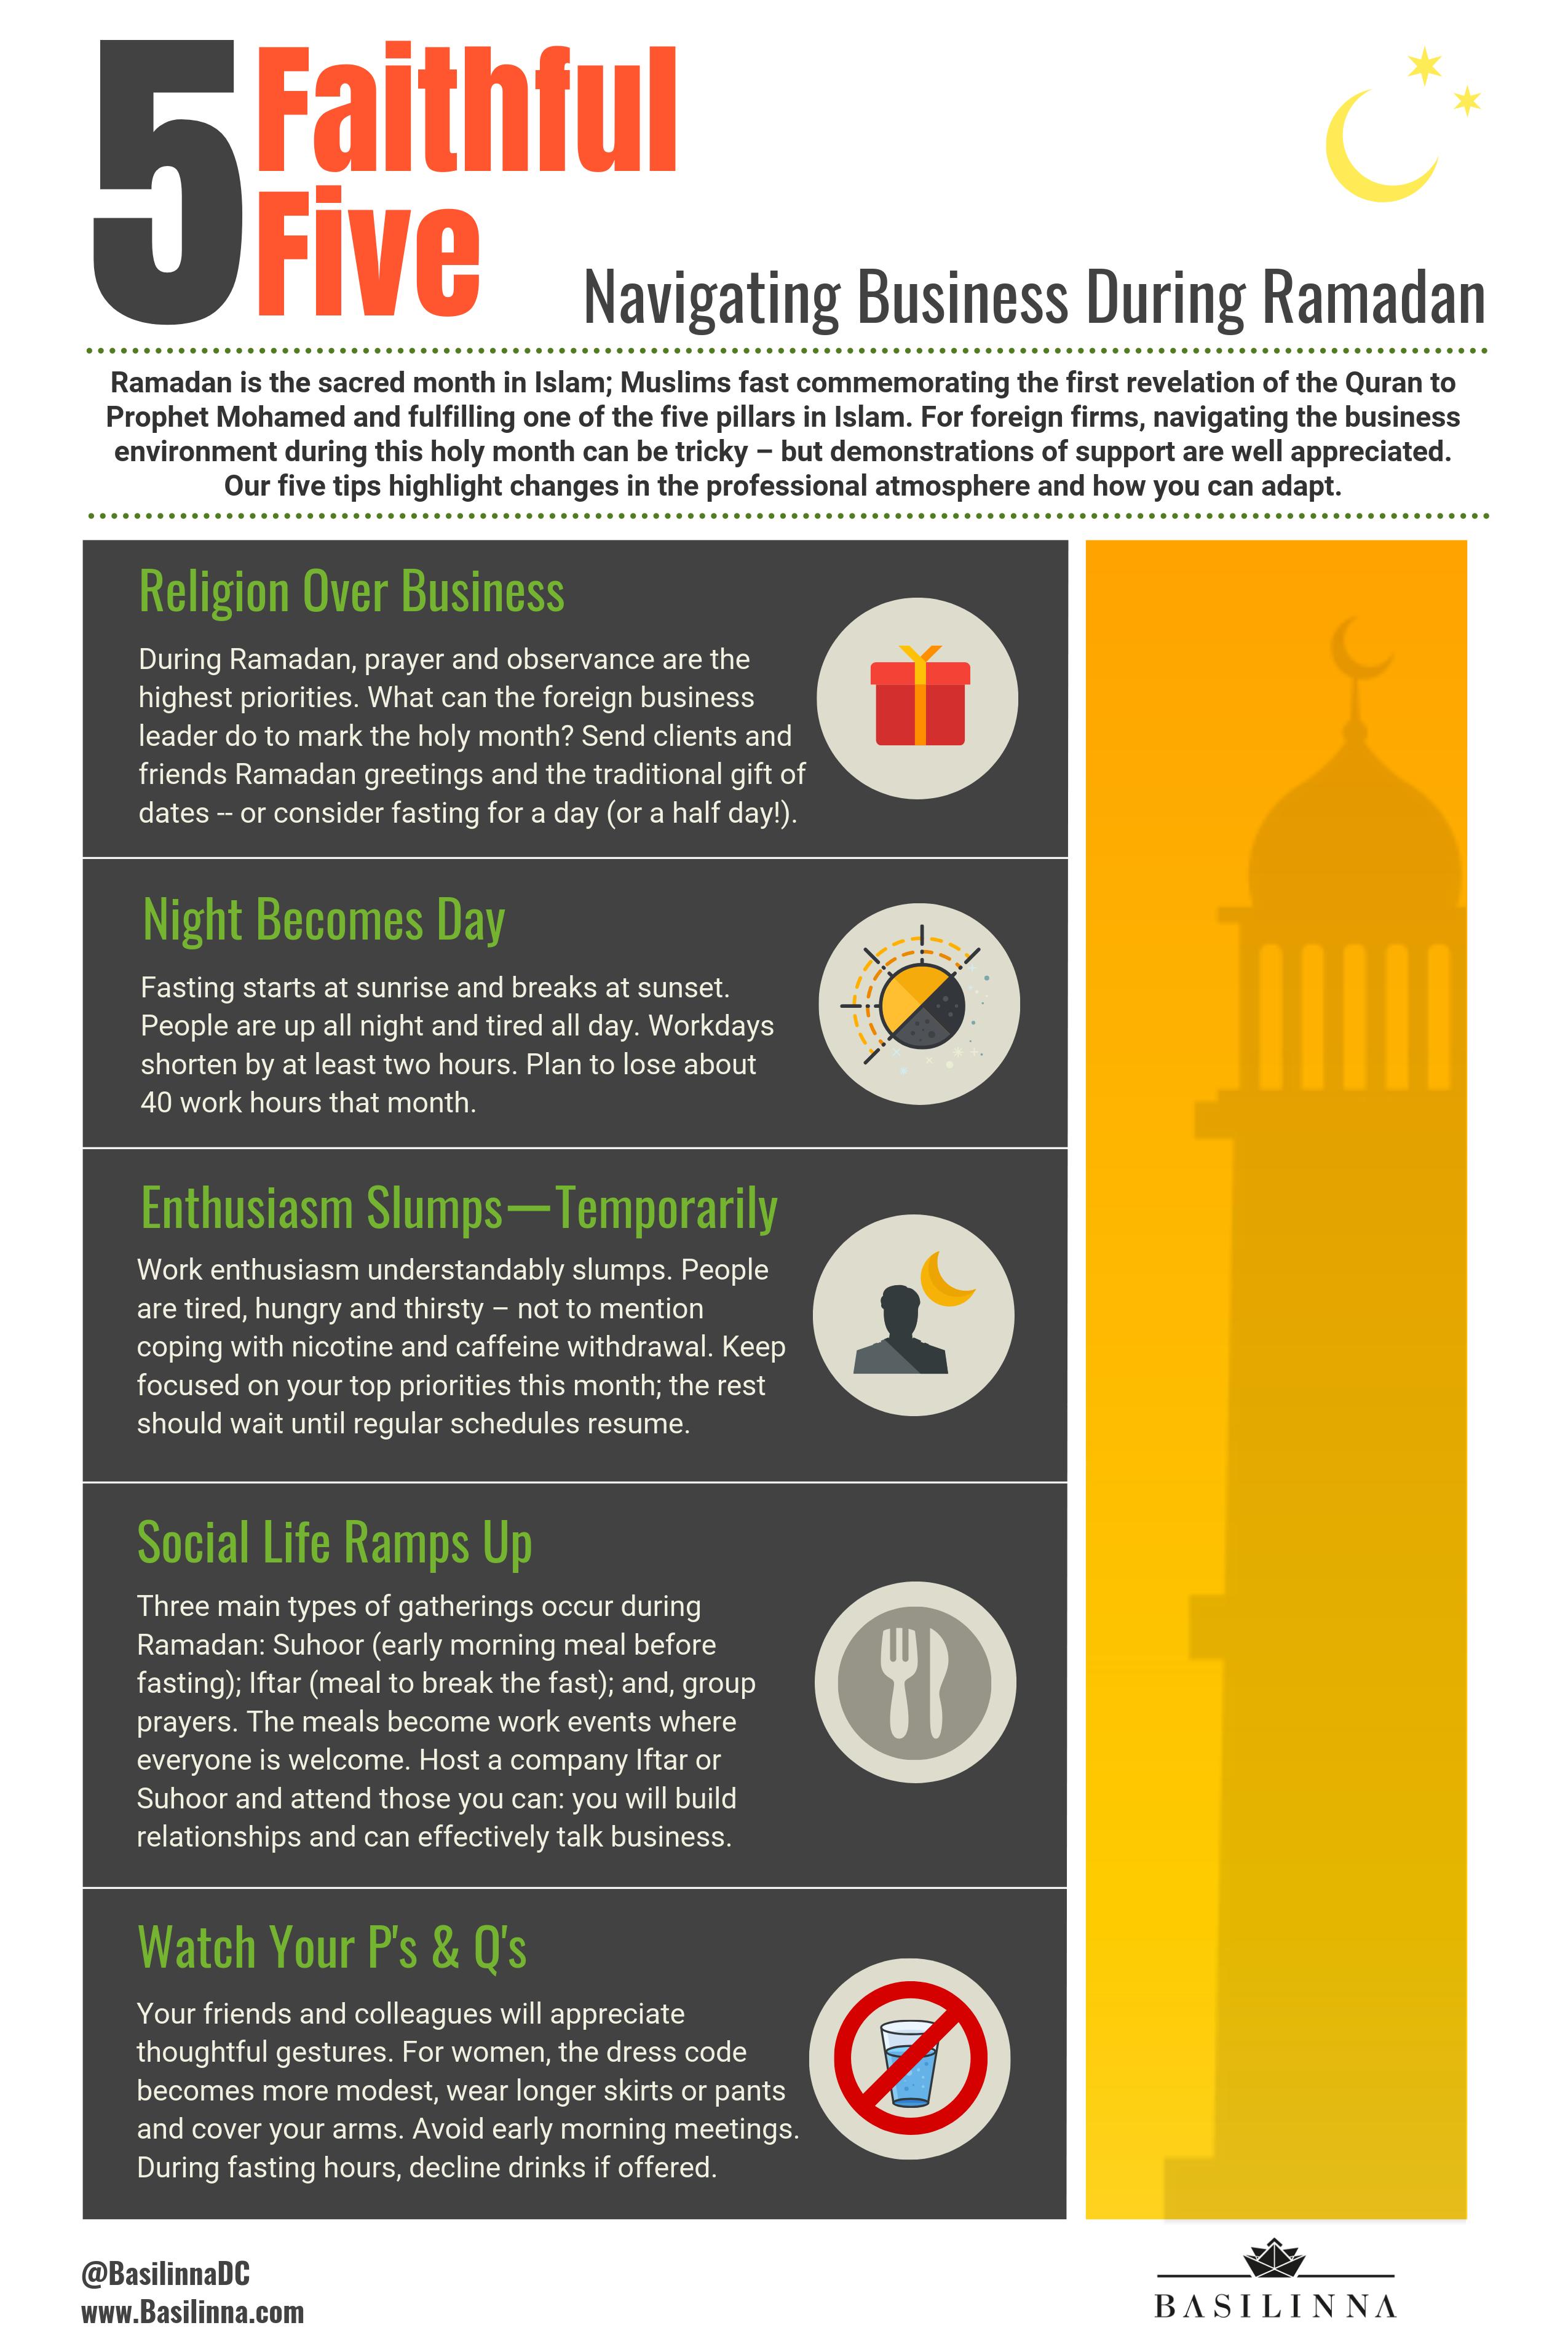 Faithful Five: Navigating Business During Ramadan